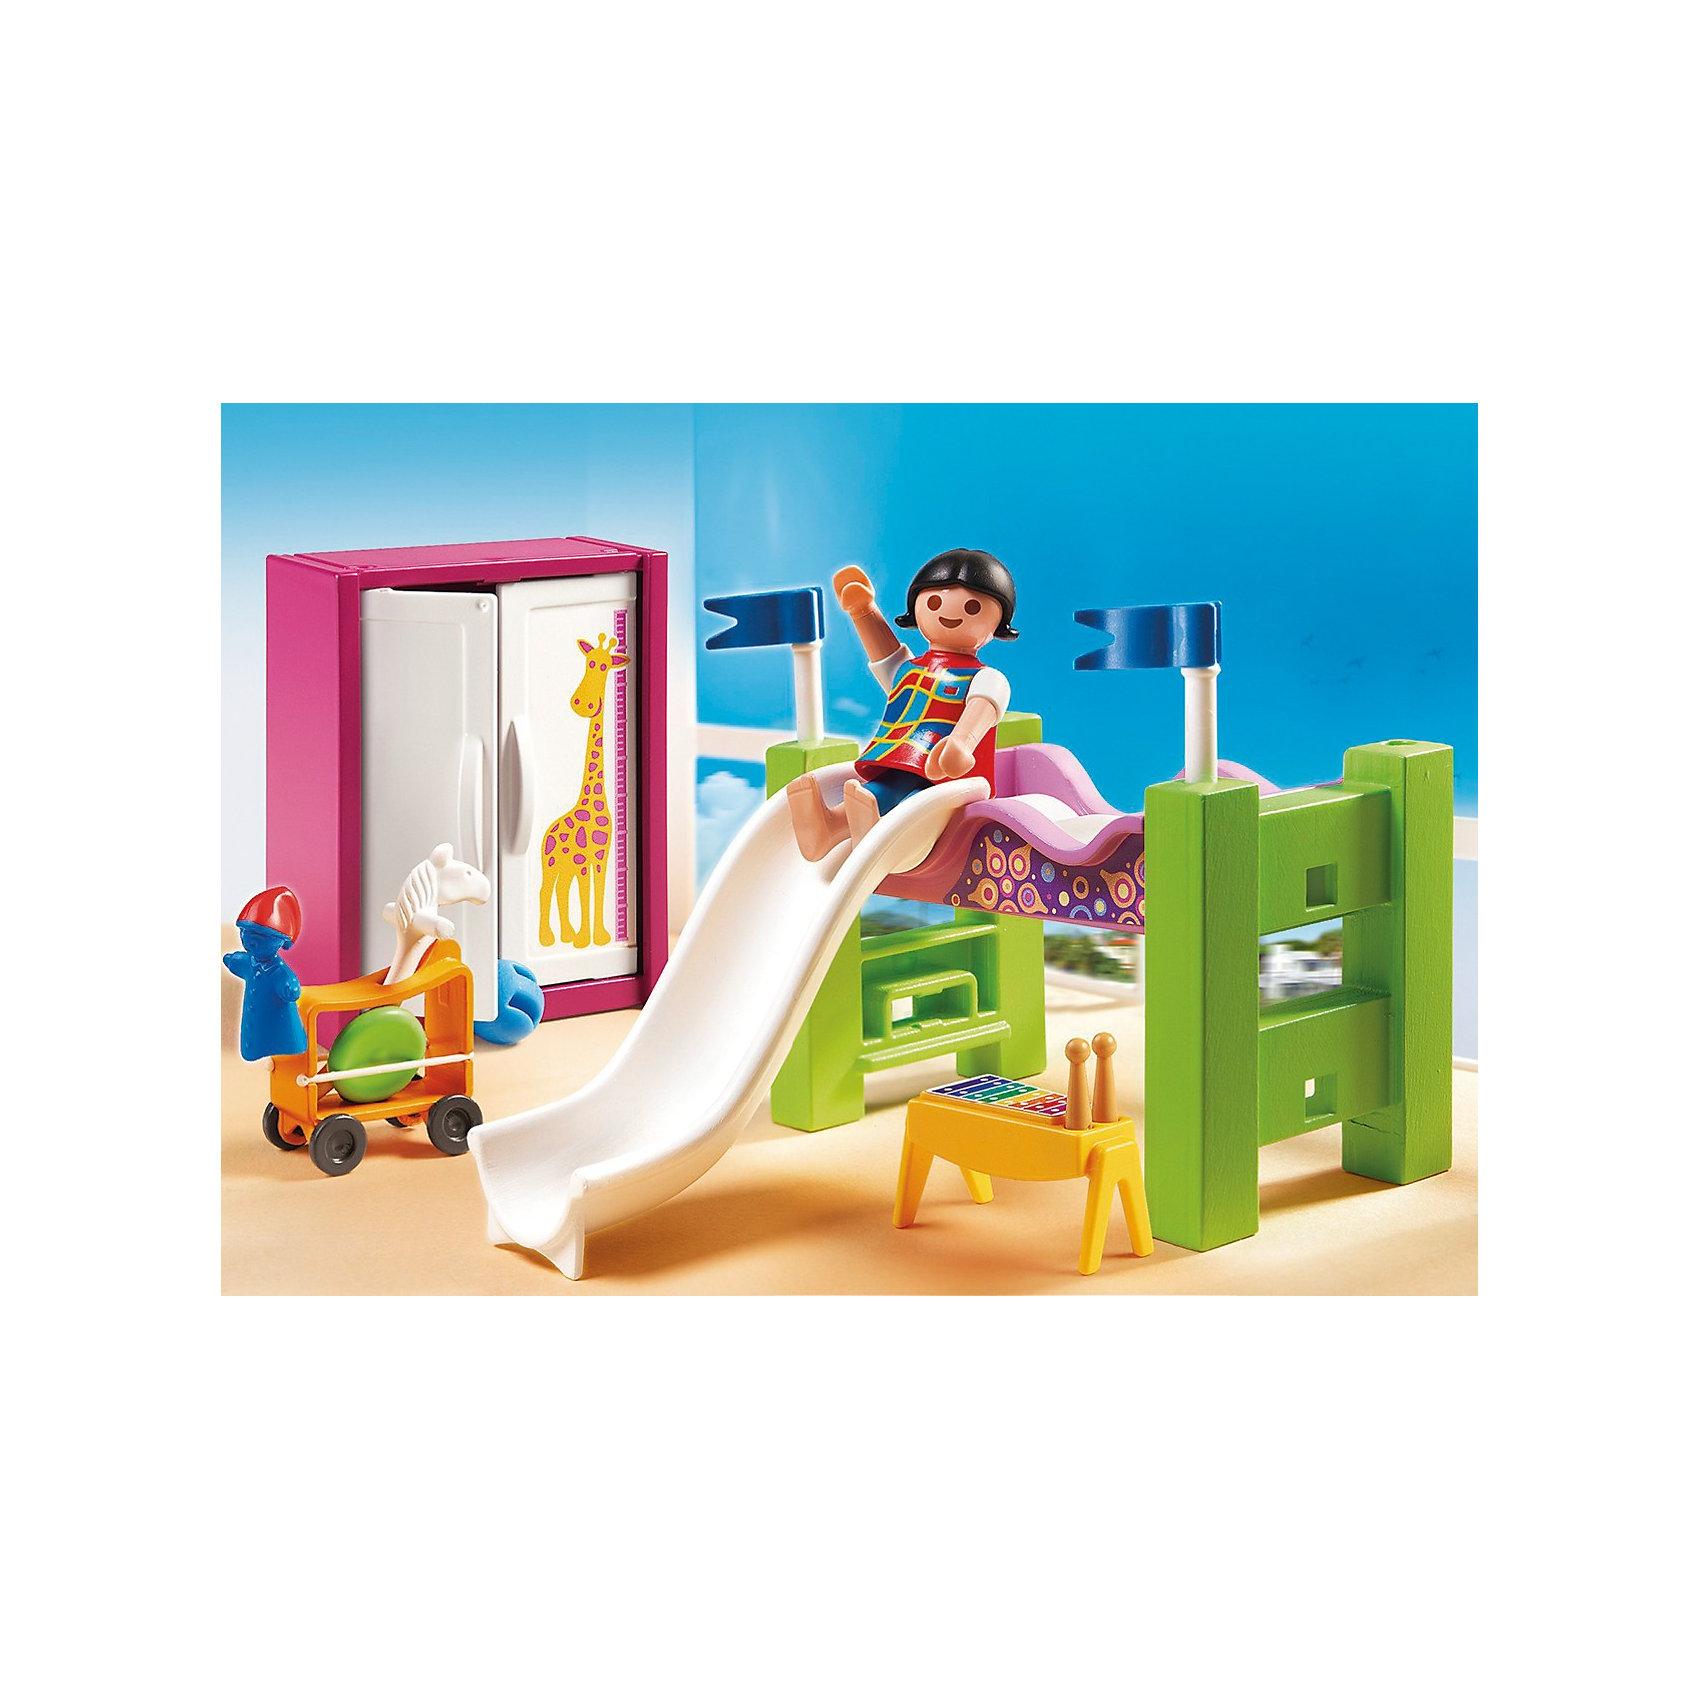 PLAYMOBIL 5579 Особняки: Детская комната с двухъярусной кроватью-горкойКонструктор PLAYMOBIL (Плеймобил) 5579 Особняки: Детская комната с двухъярусной кроватью-горкой - прекрасная возможность для ребенка проявить свой творческий потенциал! Полезный конструктор для развития Вашего ребенка должен быть именно таким: красочным, безопасным и очень функциональным. Набор Детская комната с двухъярусной кроватью-горкой состоит из одной минифигурки и множества замечательных и стильных предметов интерьера и игрушек. Как и любая детская, эта комната полна веселья и приключений: еще радостнее вставать утром, если можно съехать с горки прямо с кровати! Ребенку понравится расставлять мебель и игрушки на полках и разыгрывать интересные сценки из жизни. Конструктор Детская комната с двухъярусной кроватью-горкой просто находка для обладателя кукольного домика, ведь мебелью можно обставить одну из его комнат. Расставляя мебель и убирая игрушки ребенок будет учиться аккуратности и Вы не заметите, как малыш начнет наводить порядок в своей собственной комнате. Прививайте ребенку хороший вкус с помощью конструктора PLAYMOBIL (Плеймобил) 5579 Особняки: Детская комната с двухъярусной кроватью-горкой!<br><br>Дополнительная информация:<br><br>- Конструкторы PLAYMOBIL (Плеймобил) отлично развивают мелкую моторику, фантазию и воображение;<br>- В наборе: 1 минифигурка, двухъярусная кровать, игрушки, шкаф;<br>- Количество деталей: 28 шт;<br>- Можно использовать для кукольного домика;<br>- Материал: безопасный пластик;<br>- Размер минифигурки: 5,2 см;<br>- Размер упаковки: 20 х 15 х 5,2 см;<br>- Вес: 141 г<br><br>Конструктор PLAYMOBIL (Плеймобил) 5579 Особняки: Детская комната с двухъярусной кроватью-горкой можно купить в нашем интернет-магазине.<br><br>Ширина мм: 202<br>Глубина мм: 149<br>Высота мм: 56<br>Вес г: 148<br>Возраст от месяцев: 48<br>Возраст до месяцев: 120<br>Пол: Женский<br>Возраст: Детский<br>SKU: 3536871